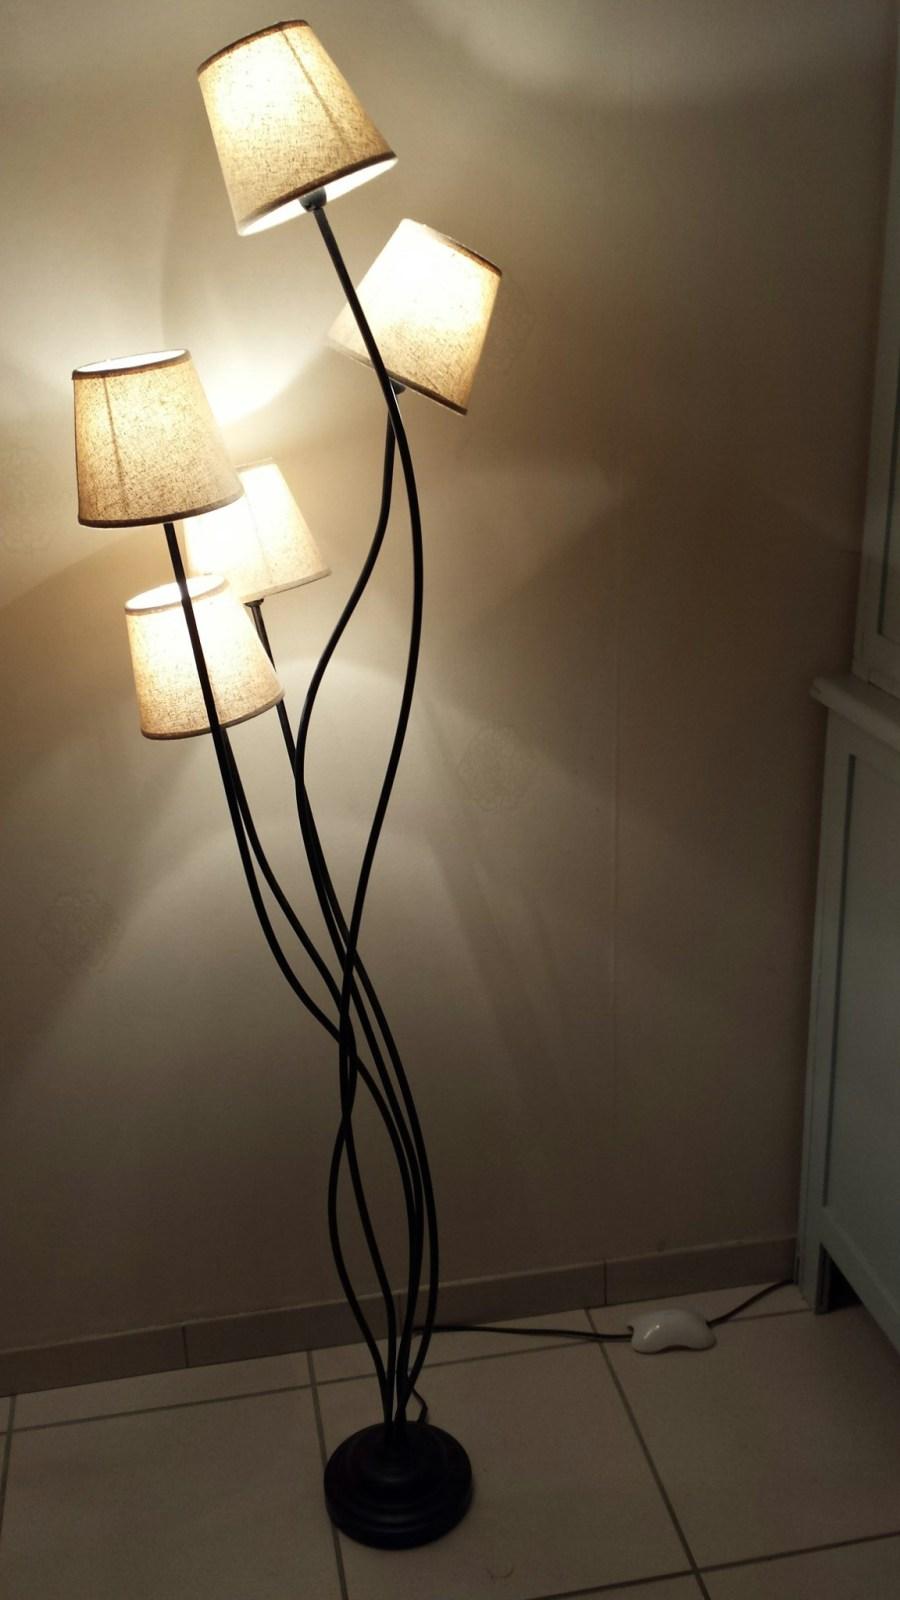 Lampe avec interrupteur connecté